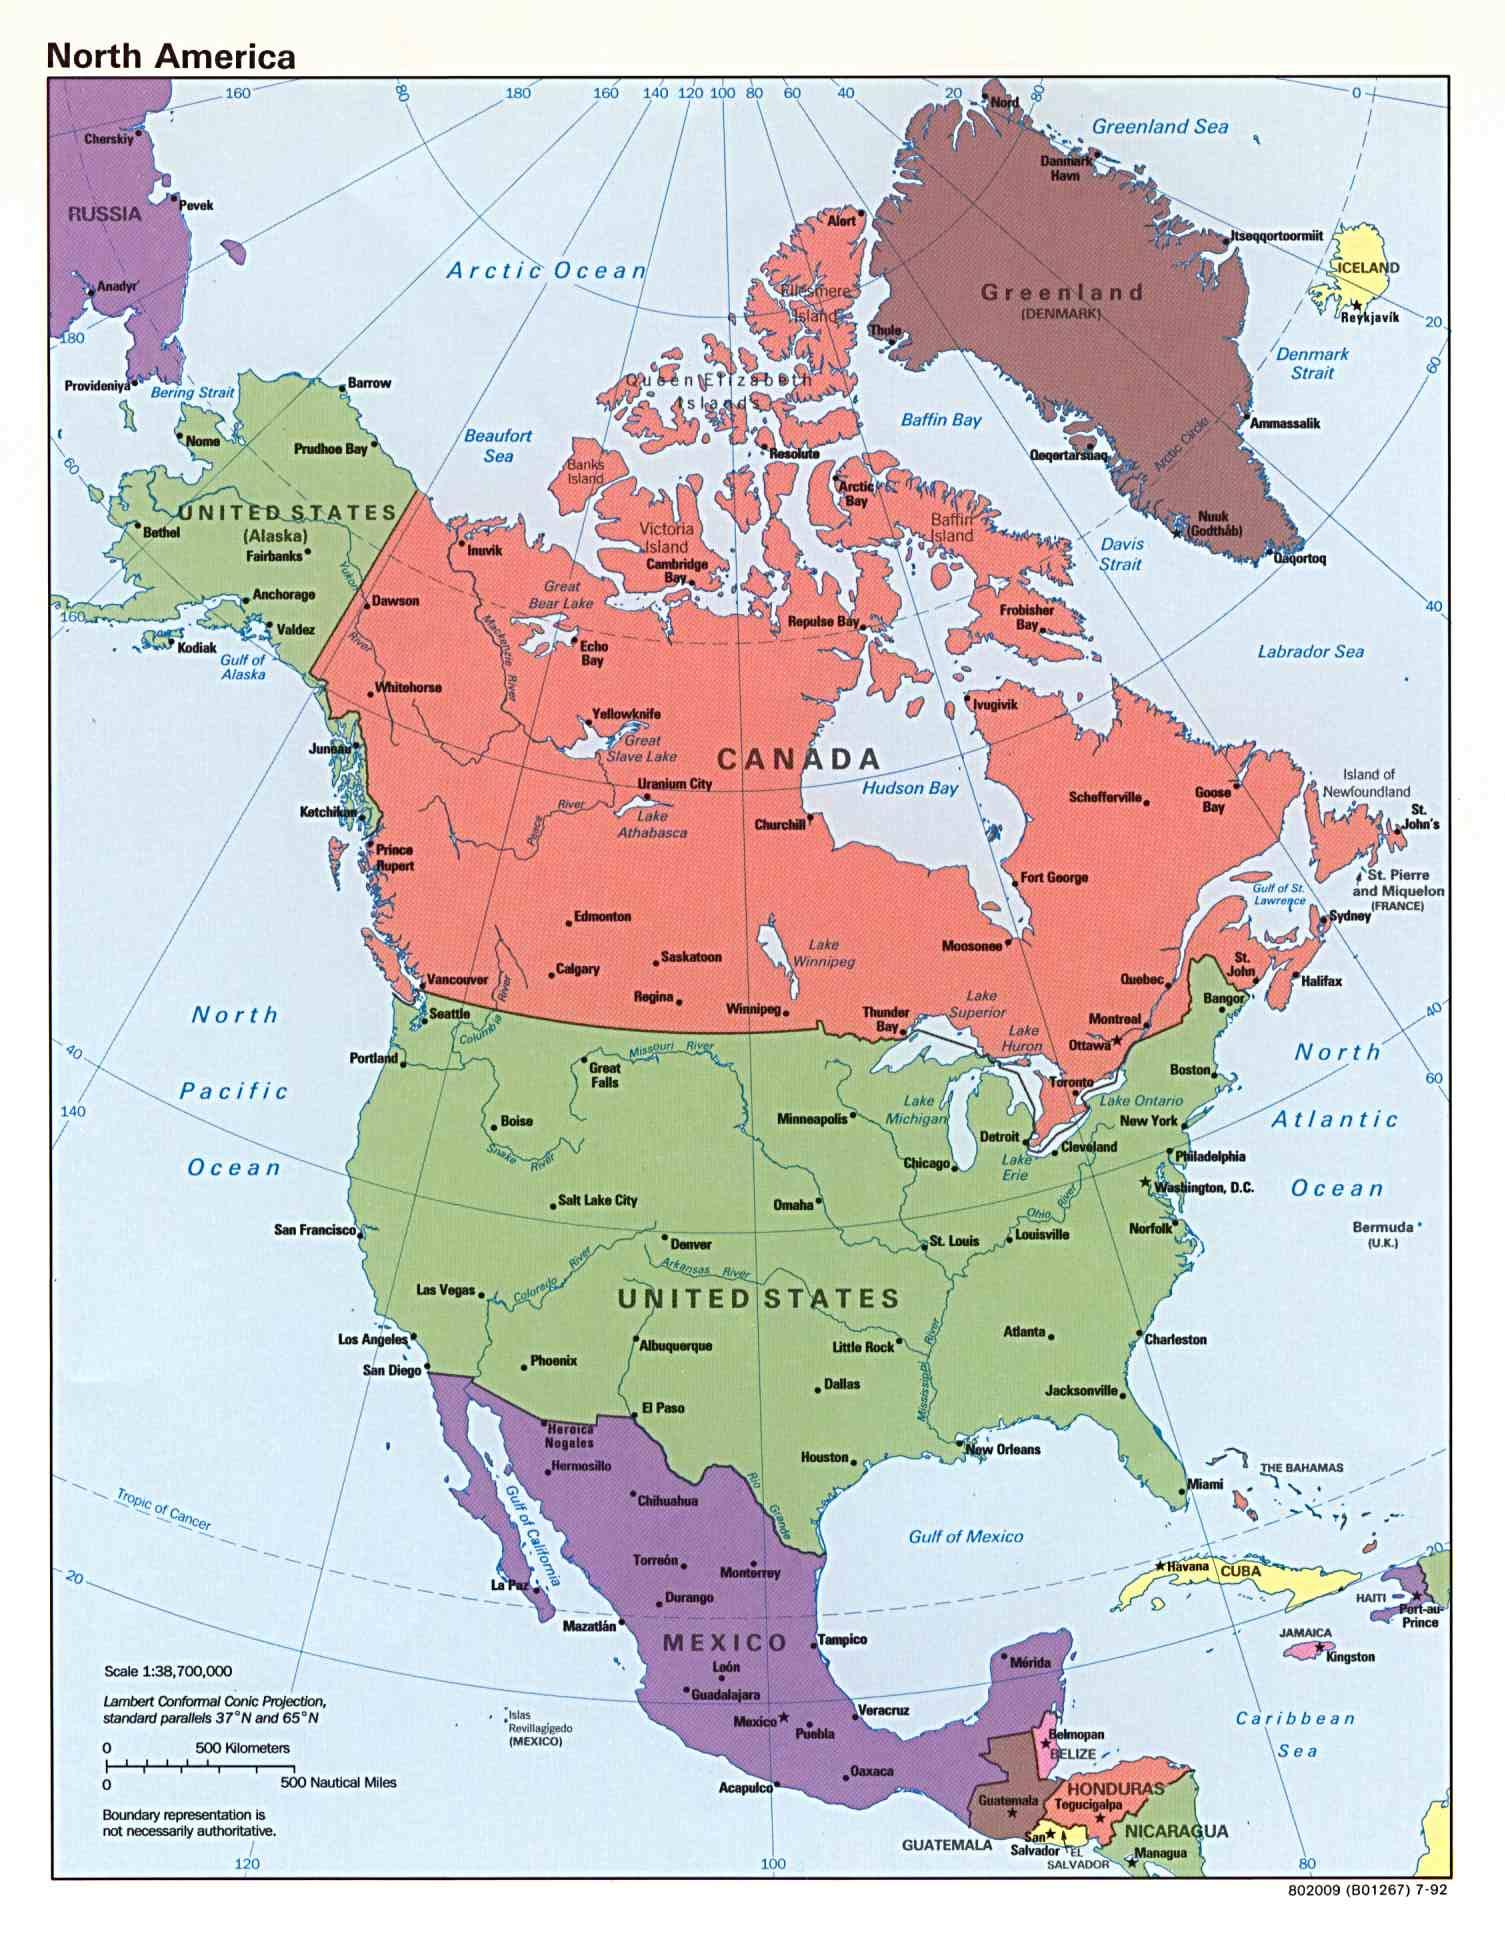 Mapa Político de América del Norte 1992